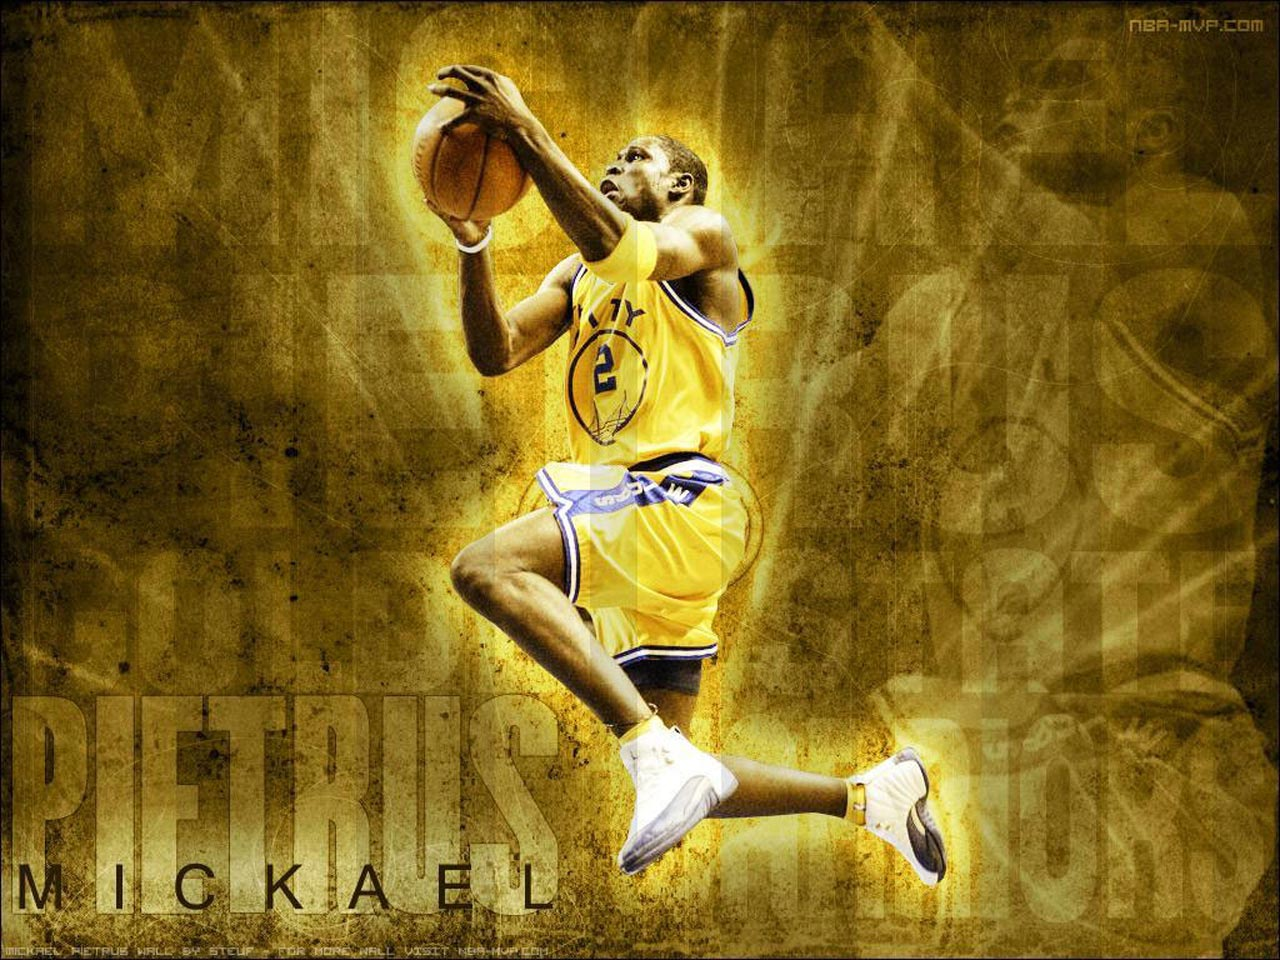 Pietrus Wallpaper Basketball Wallpapers at BasketWallpaperscom 1280x960